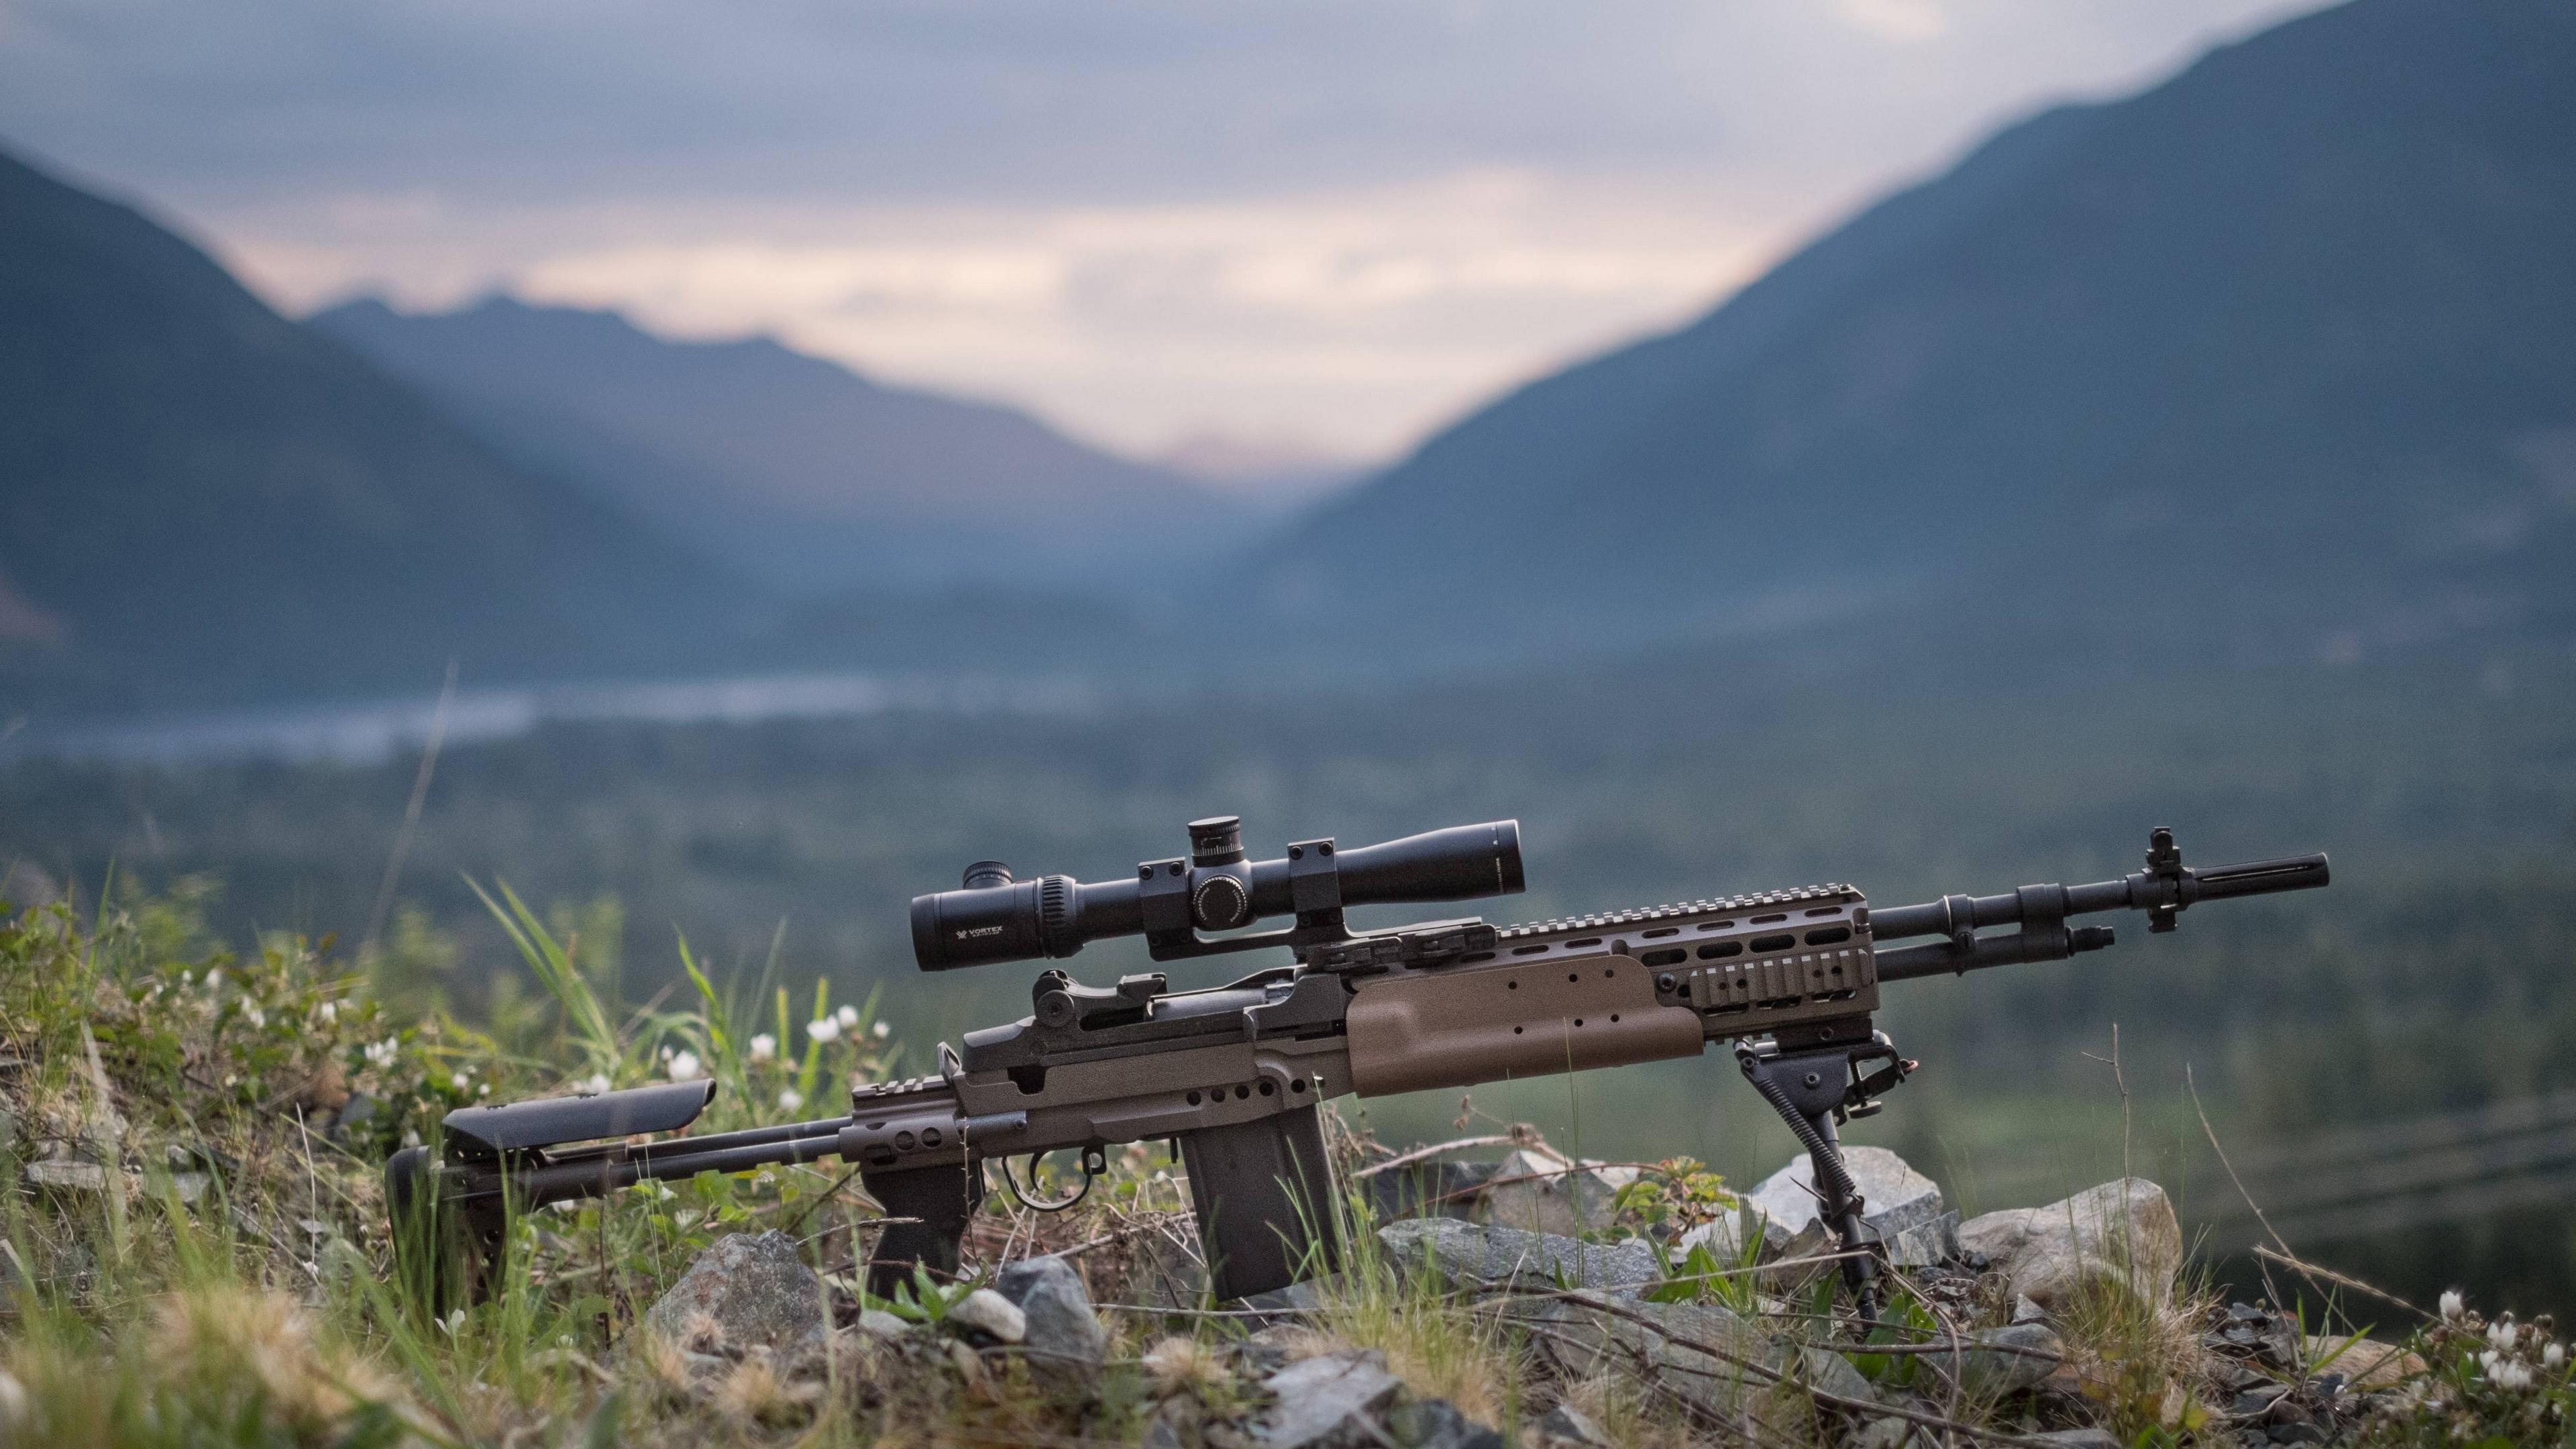 Охотничий карабин в горах